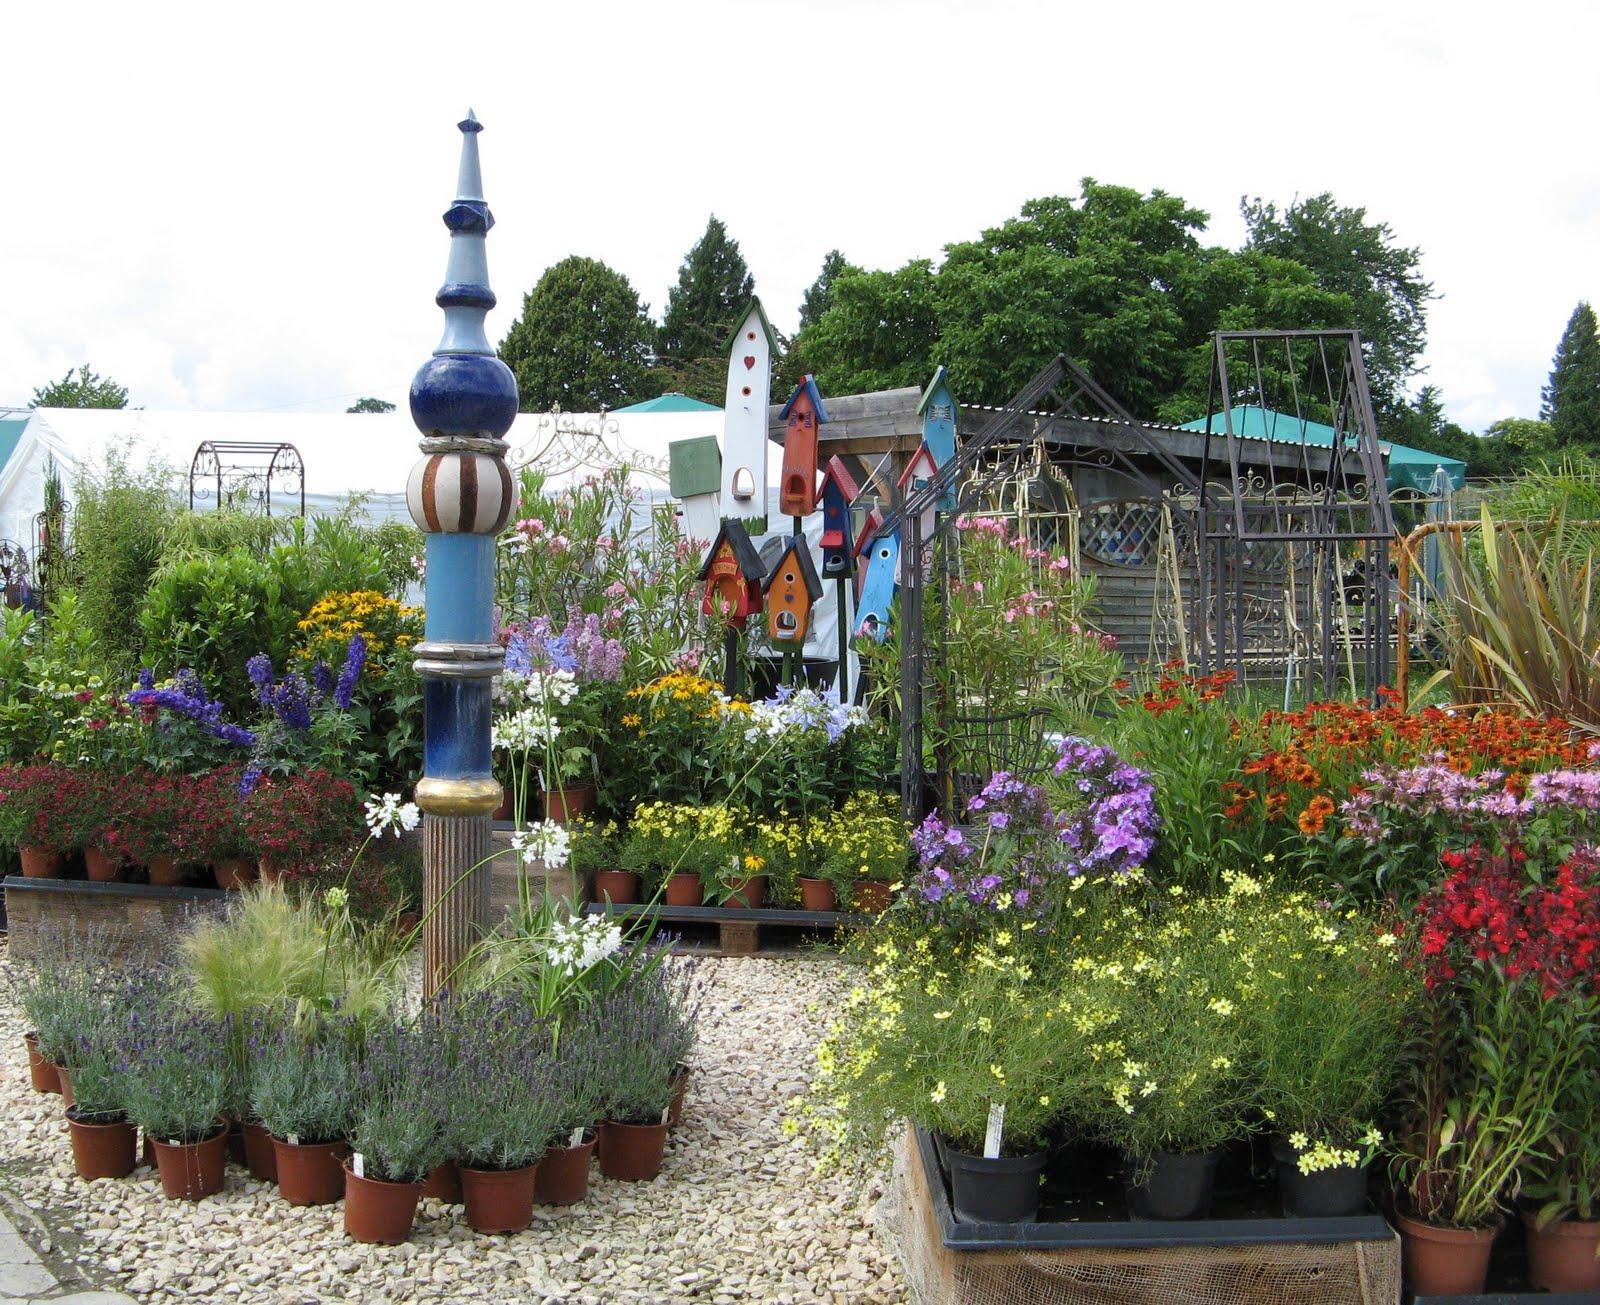 Le jardin de brigitte alsace petit tour chez la zeppellin - Les jardins d alsace ...